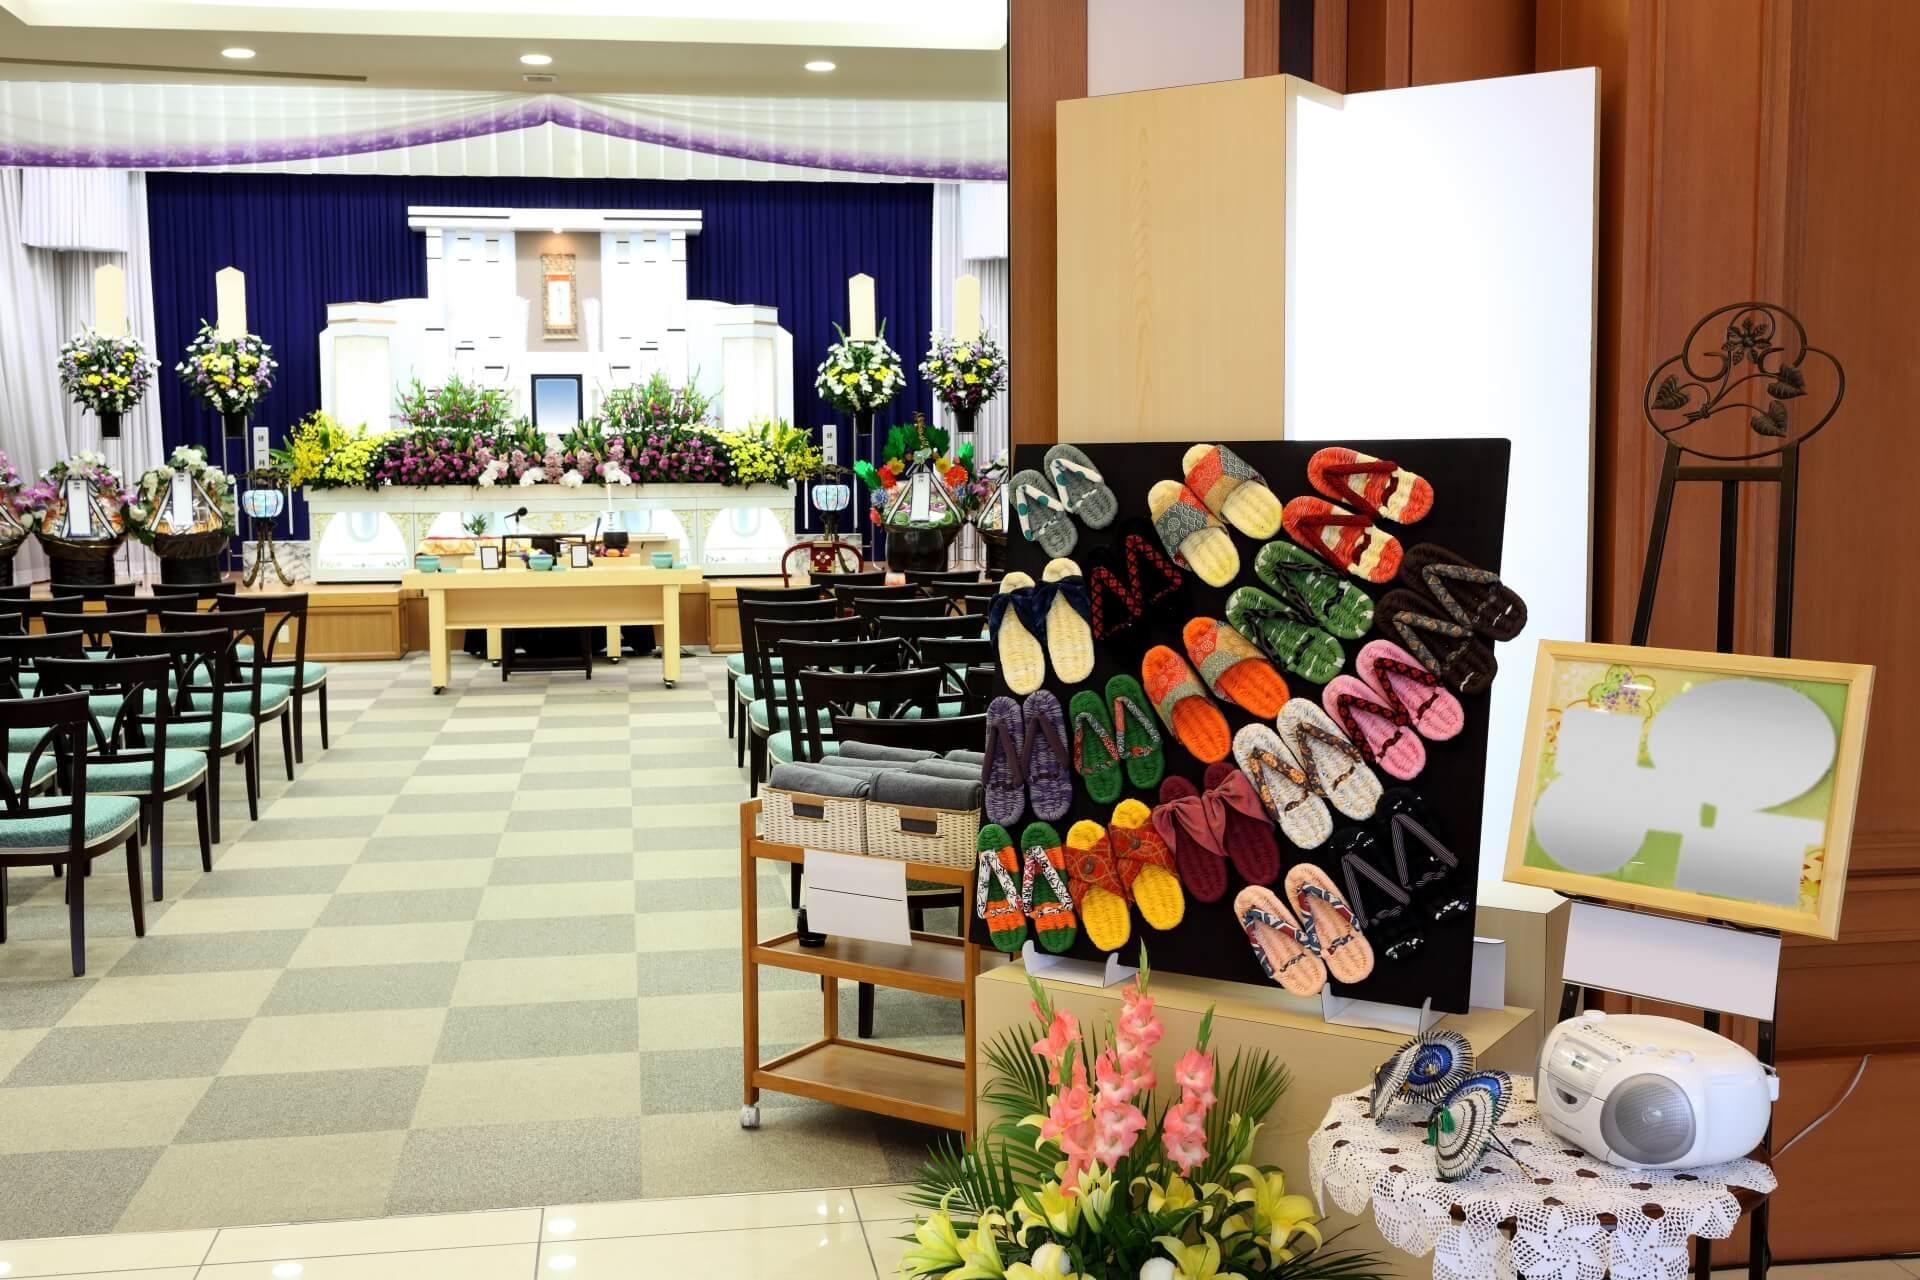 川崎市での家族葬は通夜をしなくていいの?故人とのお別れの時間が減る?